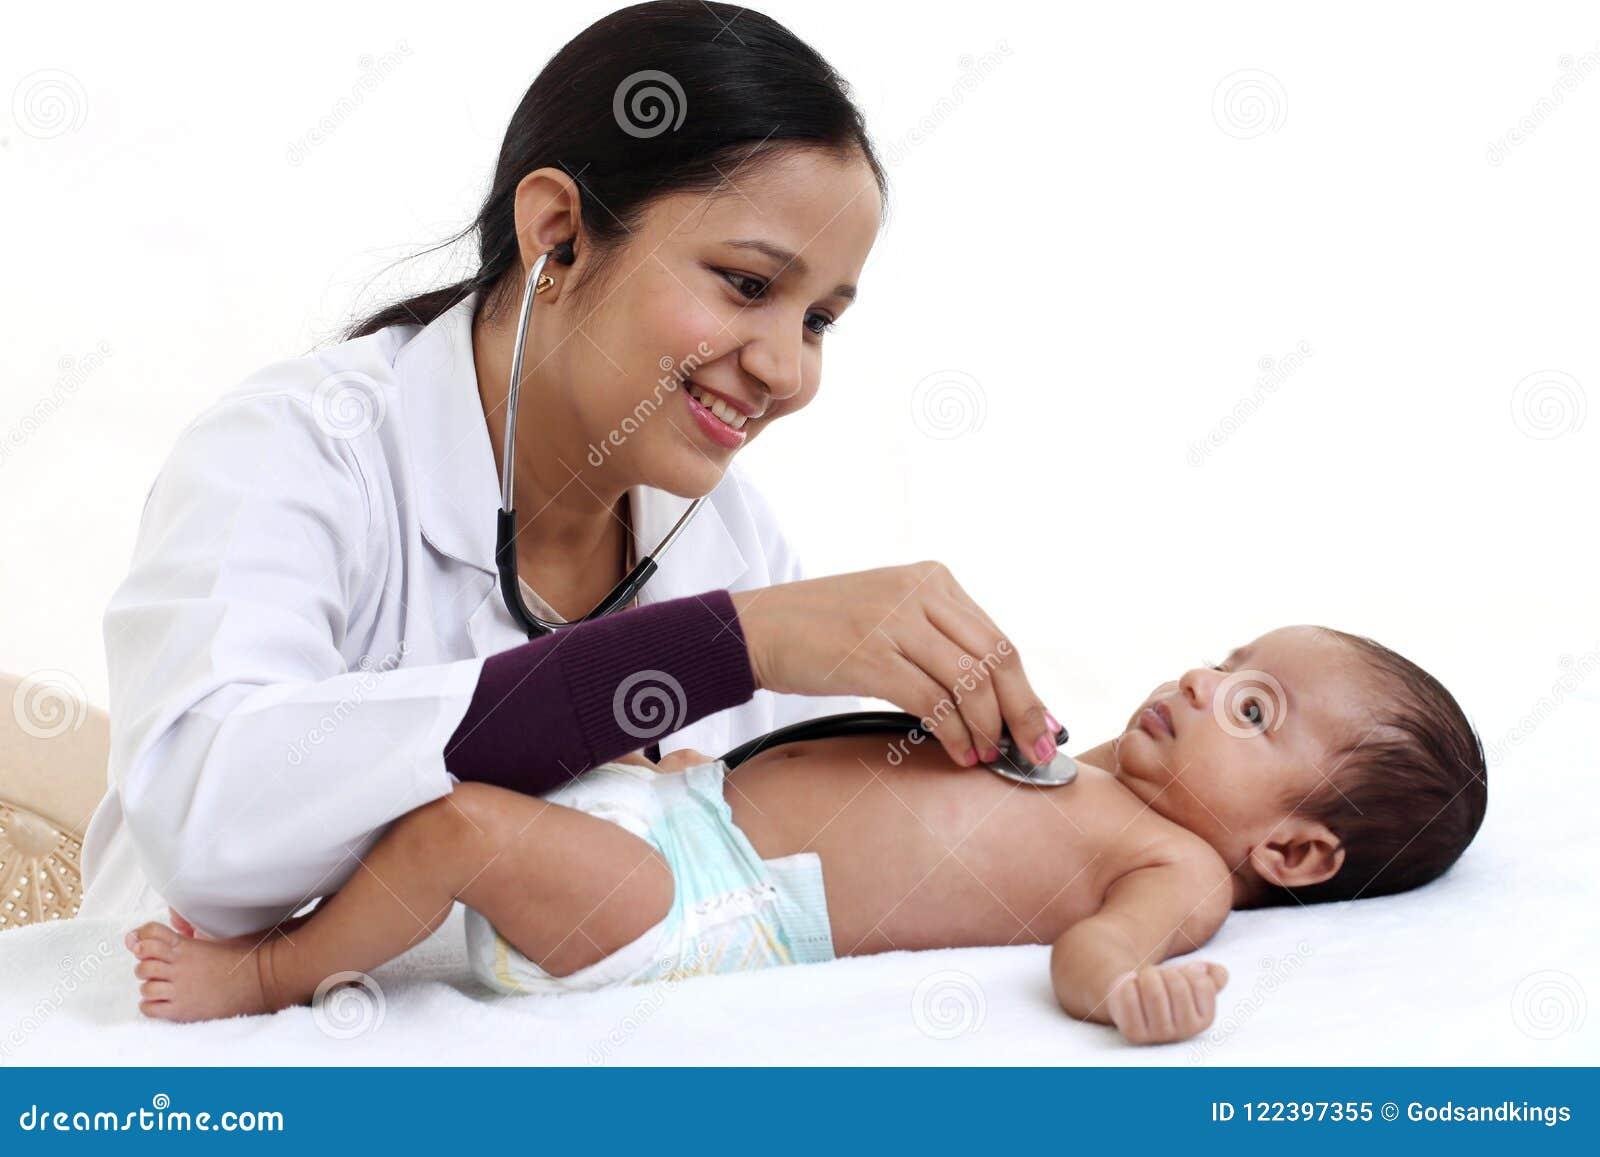 Ο εύθυμος θηλυκός παιδίατρος κρατά το νεογέννητο μωρό